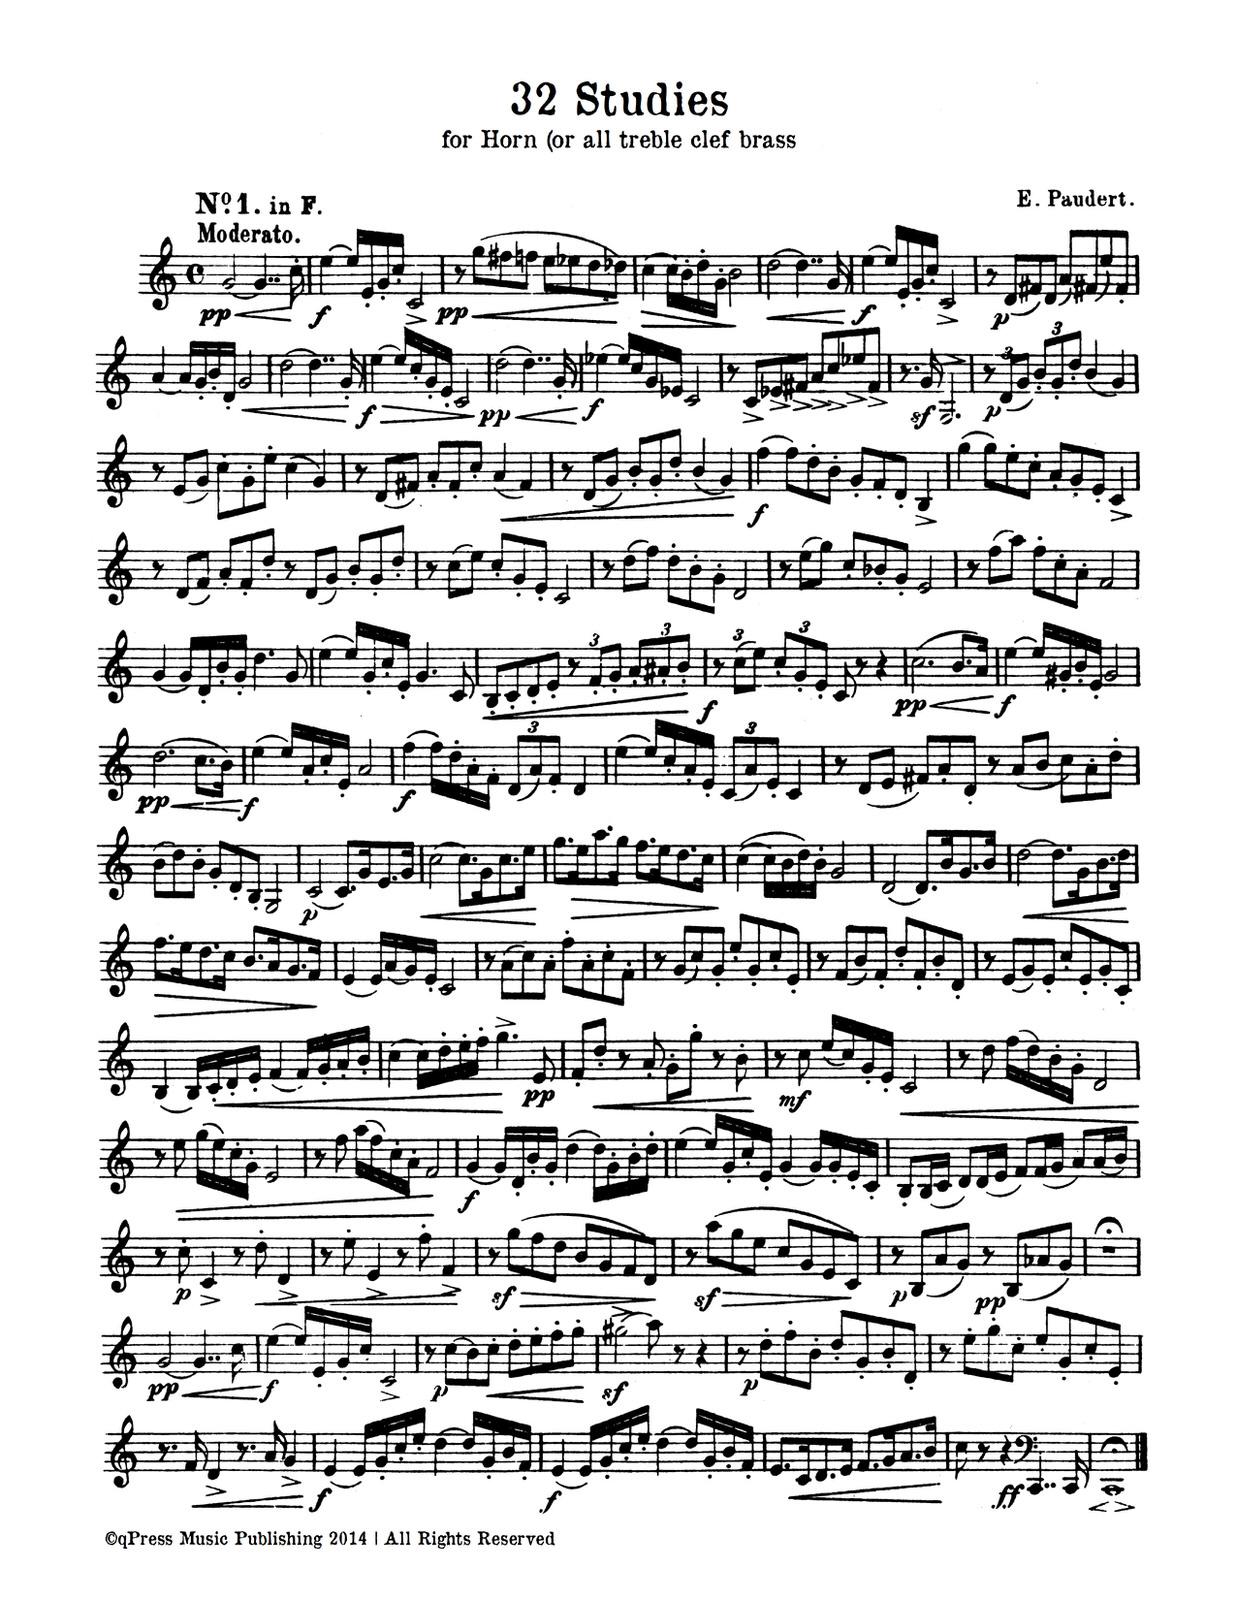 Paudert, 32 Etudes for Horn-p02